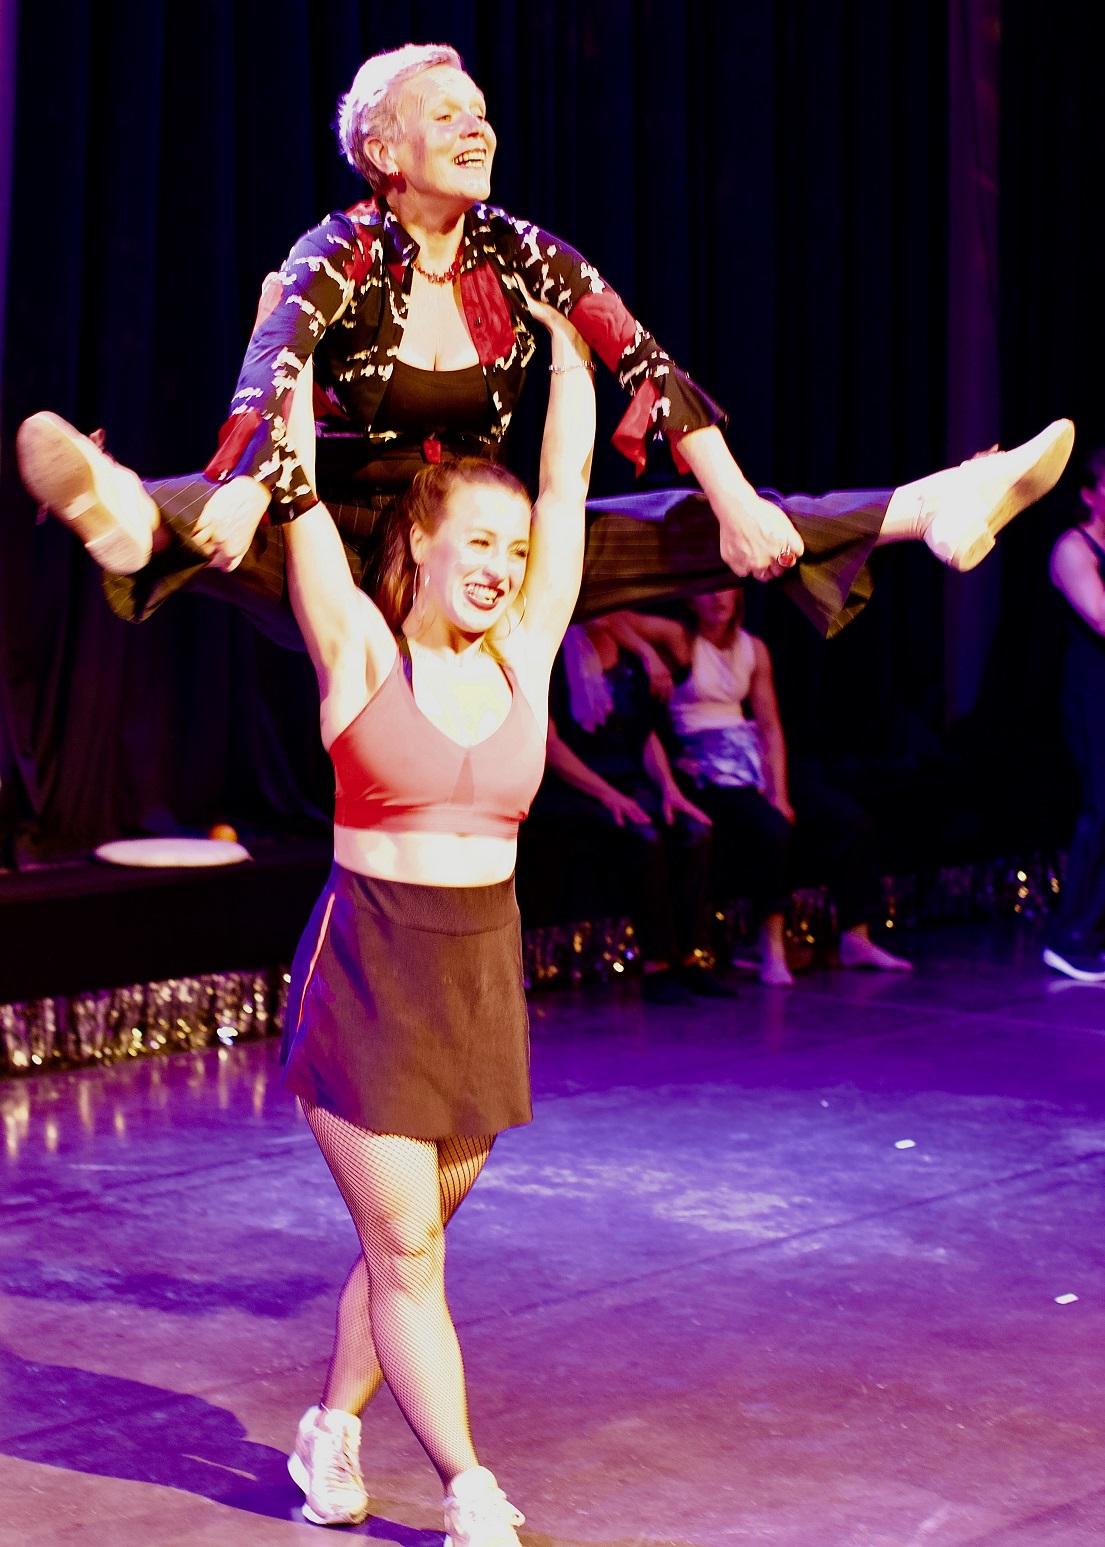 Ein Frau hebt eine andere Frau für eine Tanzeinlage in die Luft